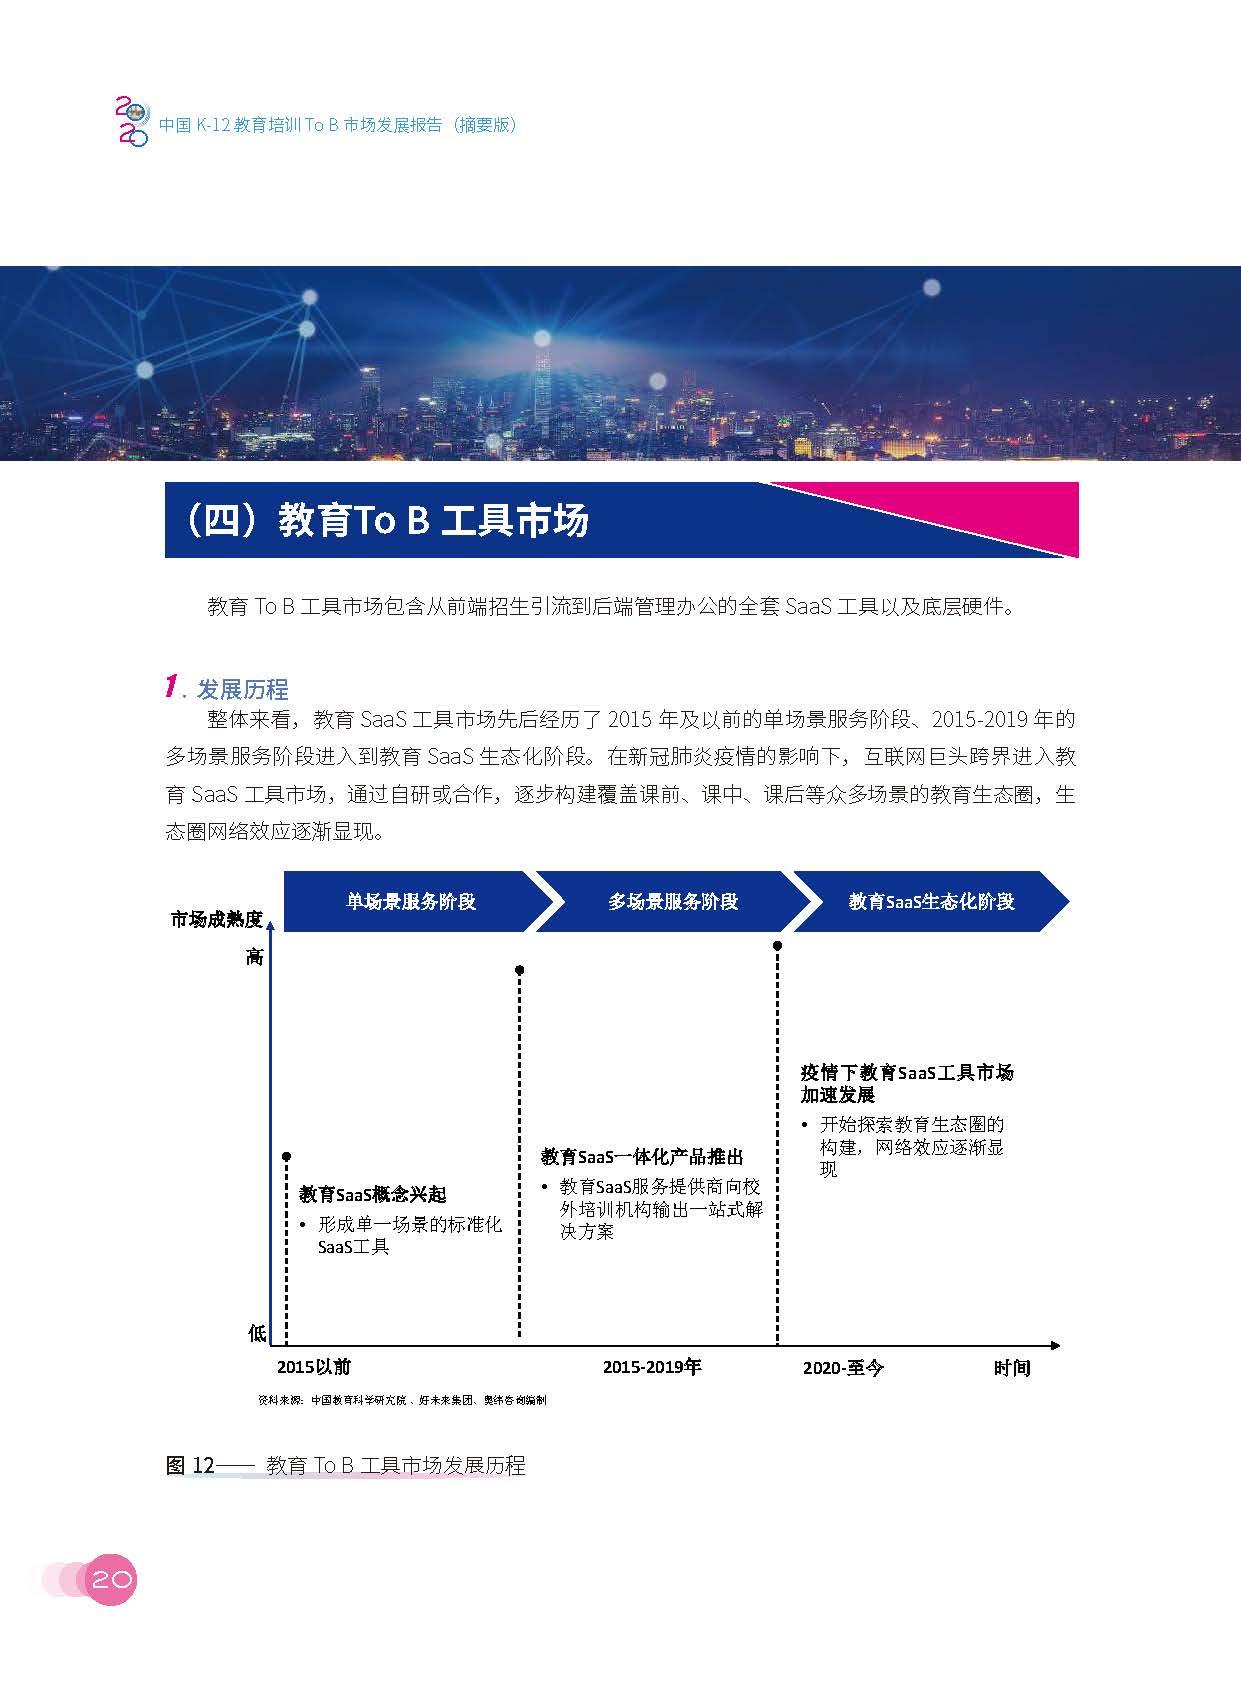 中国教育科学研究院:2020中国K~12教育培训To B市场发展报告(56页)_页面_23.jpg